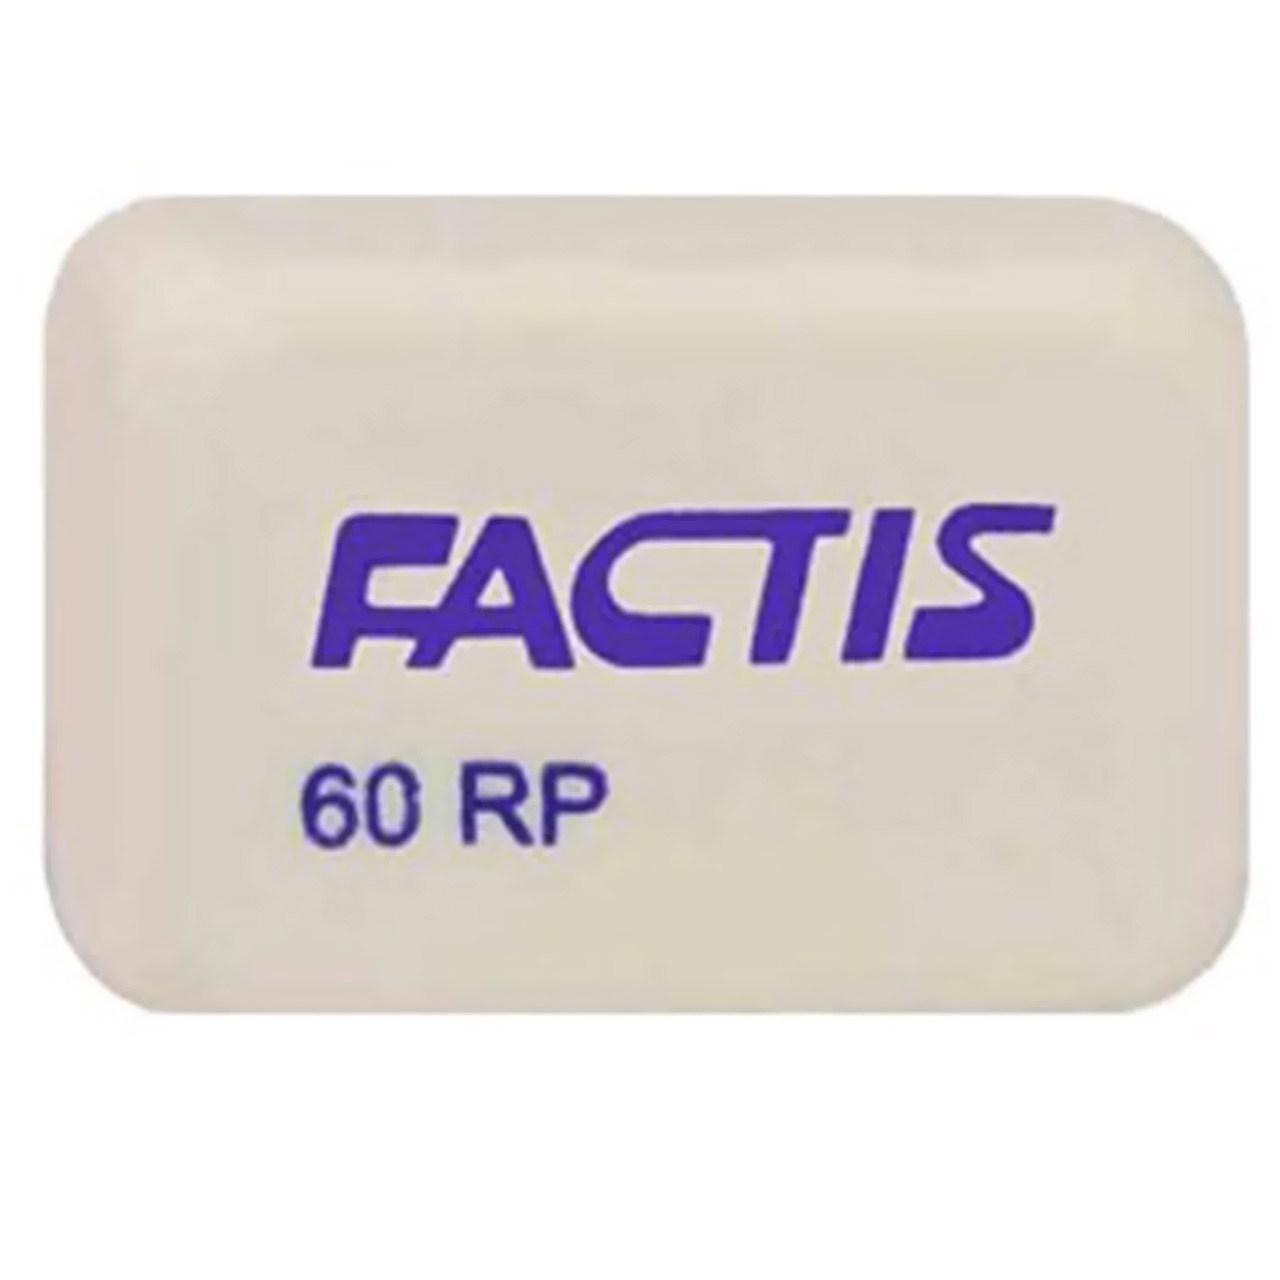 پاک کن فکتیس مدل 60RP - بسته 2 عددی